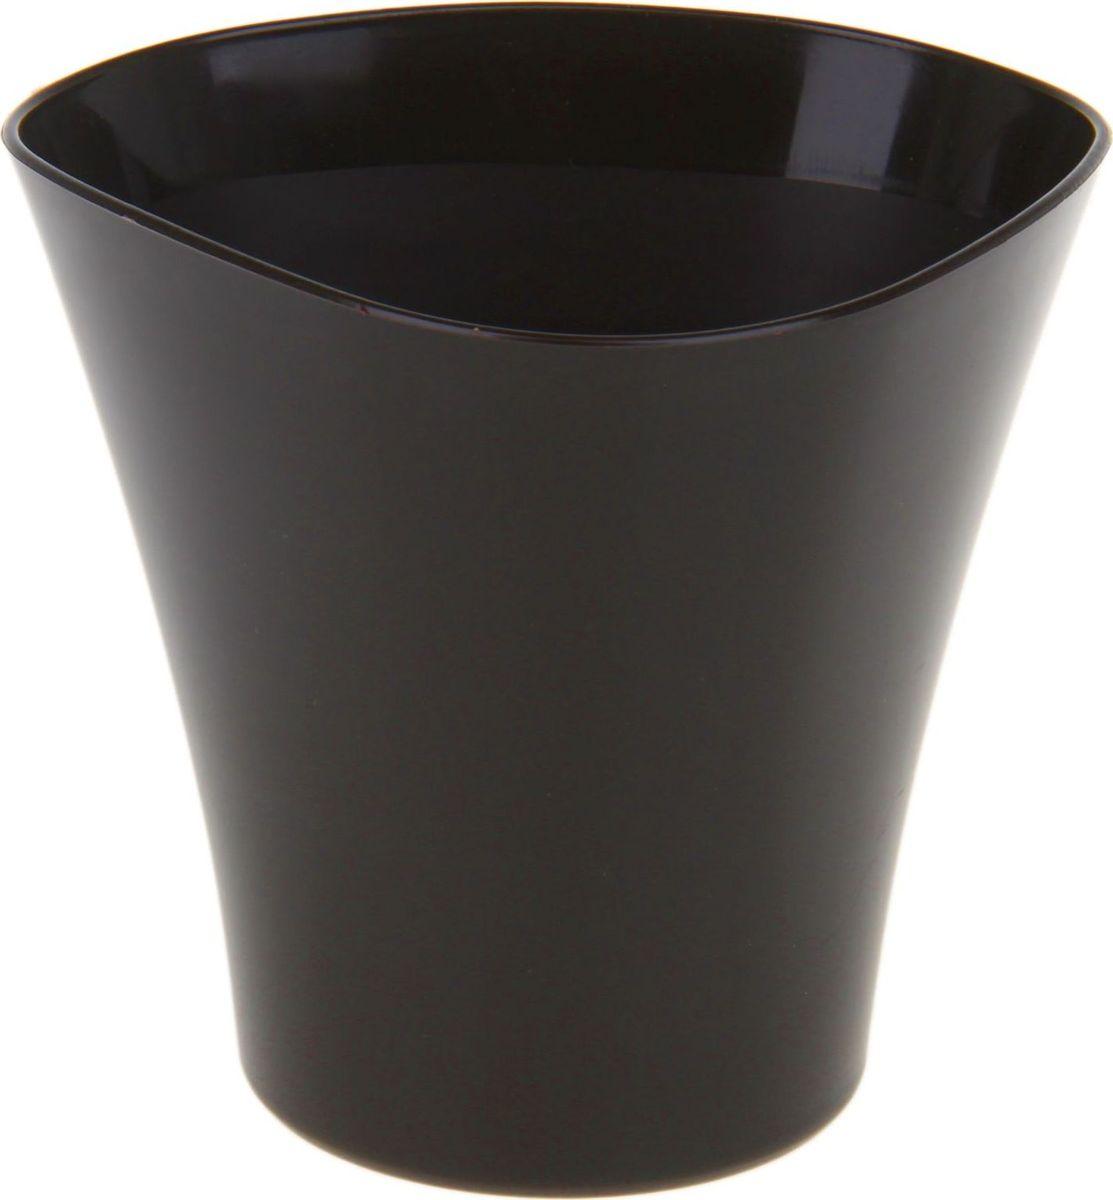 Кашпо JetPlast Волна, цвет: темный шоколад, 1,5 лING46016БЛ-16РSЛюбой, даже самый современный и продуманный интерьер будет не завершённым без растений. Они не только очищают воздух и насыщают его кислородом, но и заметно украшают окружающее пространство. Такому полезному &laquo члену семьи&raquoпросто необходимо красивое и функциональное кашпо, оригинальный горшок или необычная ваза! Мы предлагаем - Кашпо 1,5 л Волна, цвет темный шоколад!Оптимальный выбор материала &mdash &nbsp пластмасса! Почему мы так считаем? Малый вес. С лёгкостью переносите горшки и кашпо с места на место, ставьте их на столики или полки, подвешивайте под потолок, не беспокоясь о нагрузке. Простота ухода. Пластиковые изделия не нуждаются в специальных условиях хранения. Их&nbsp легко чистить &mdashдостаточно просто сполоснуть тёплой водой. Никаких царапин. Пластиковые кашпо не царапают и не загрязняют поверхности, на которых стоят. Пластик дольше хранит влагу, а значит &mdashрастение реже нуждается в поливе. Пластмасса не пропускает воздух &mdashкорневой системе растения не грозят резкие перепады температур. Огромный выбор форм, декора и расцветок &mdashвы без труда подберёте что-то, что идеально впишется в уже существующий интерьер.Соблюдая нехитрые правила ухода, вы можете заметно продлить срок службы горшков, вазонов и кашпо из пластика: всегда учитывайте размер кроны и корневой системы растения (при разрастании большое растение способно повредить маленький горшок)берегите изделие от воздействия прямых солнечных лучей, чтобы кашпо и горшки не выцветалидержите кашпо и горшки из пластика подальше от нагревающихся поверхностей.Создавайте прекрасные цветочные композиции, выращивайте рассаду или необычные растения, а низкие цены позволят вам не ограничивать себя в выборе.